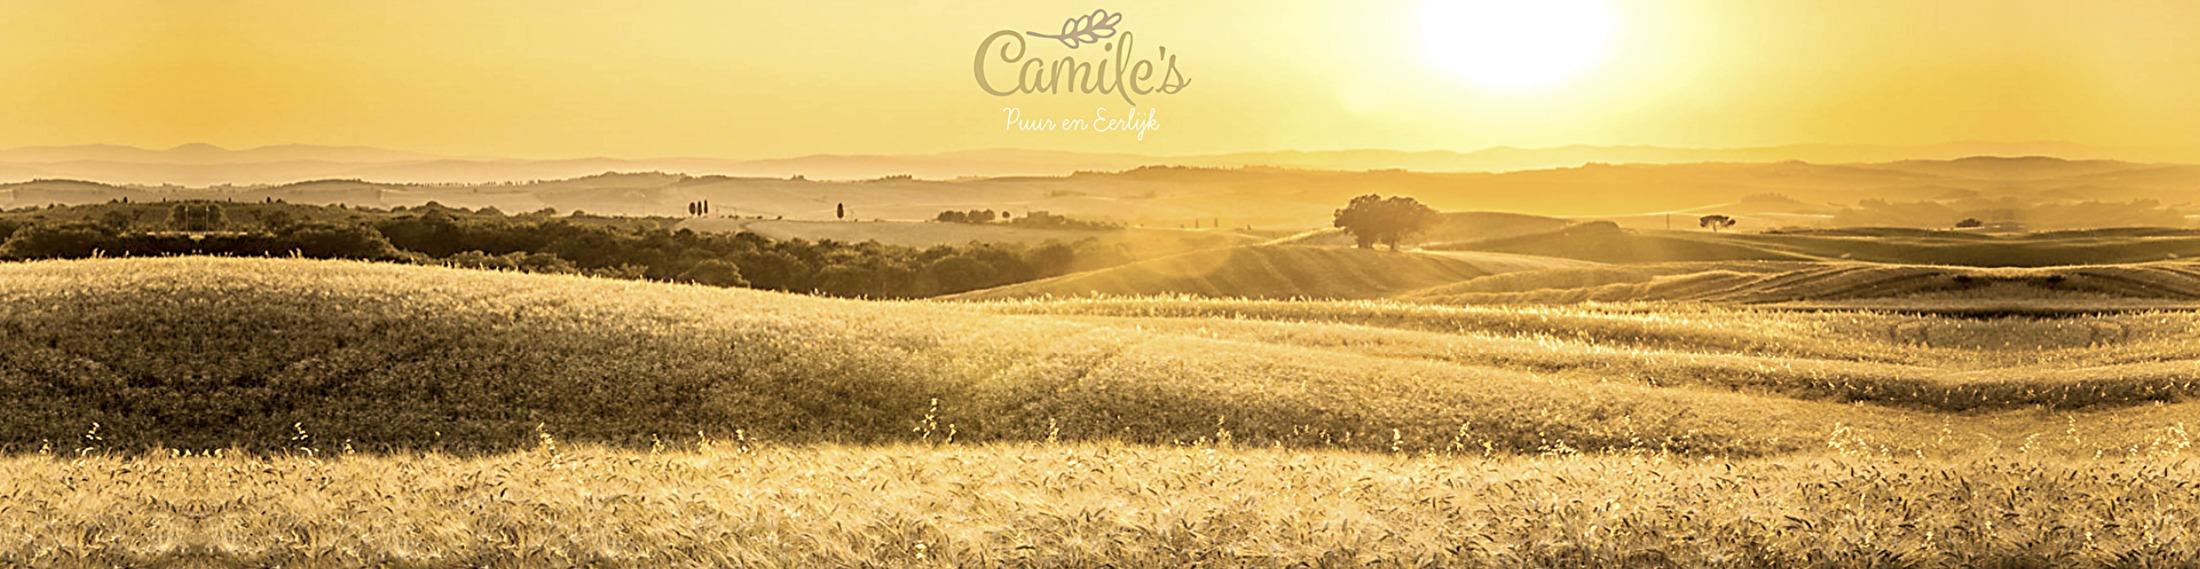 Camile's Granola